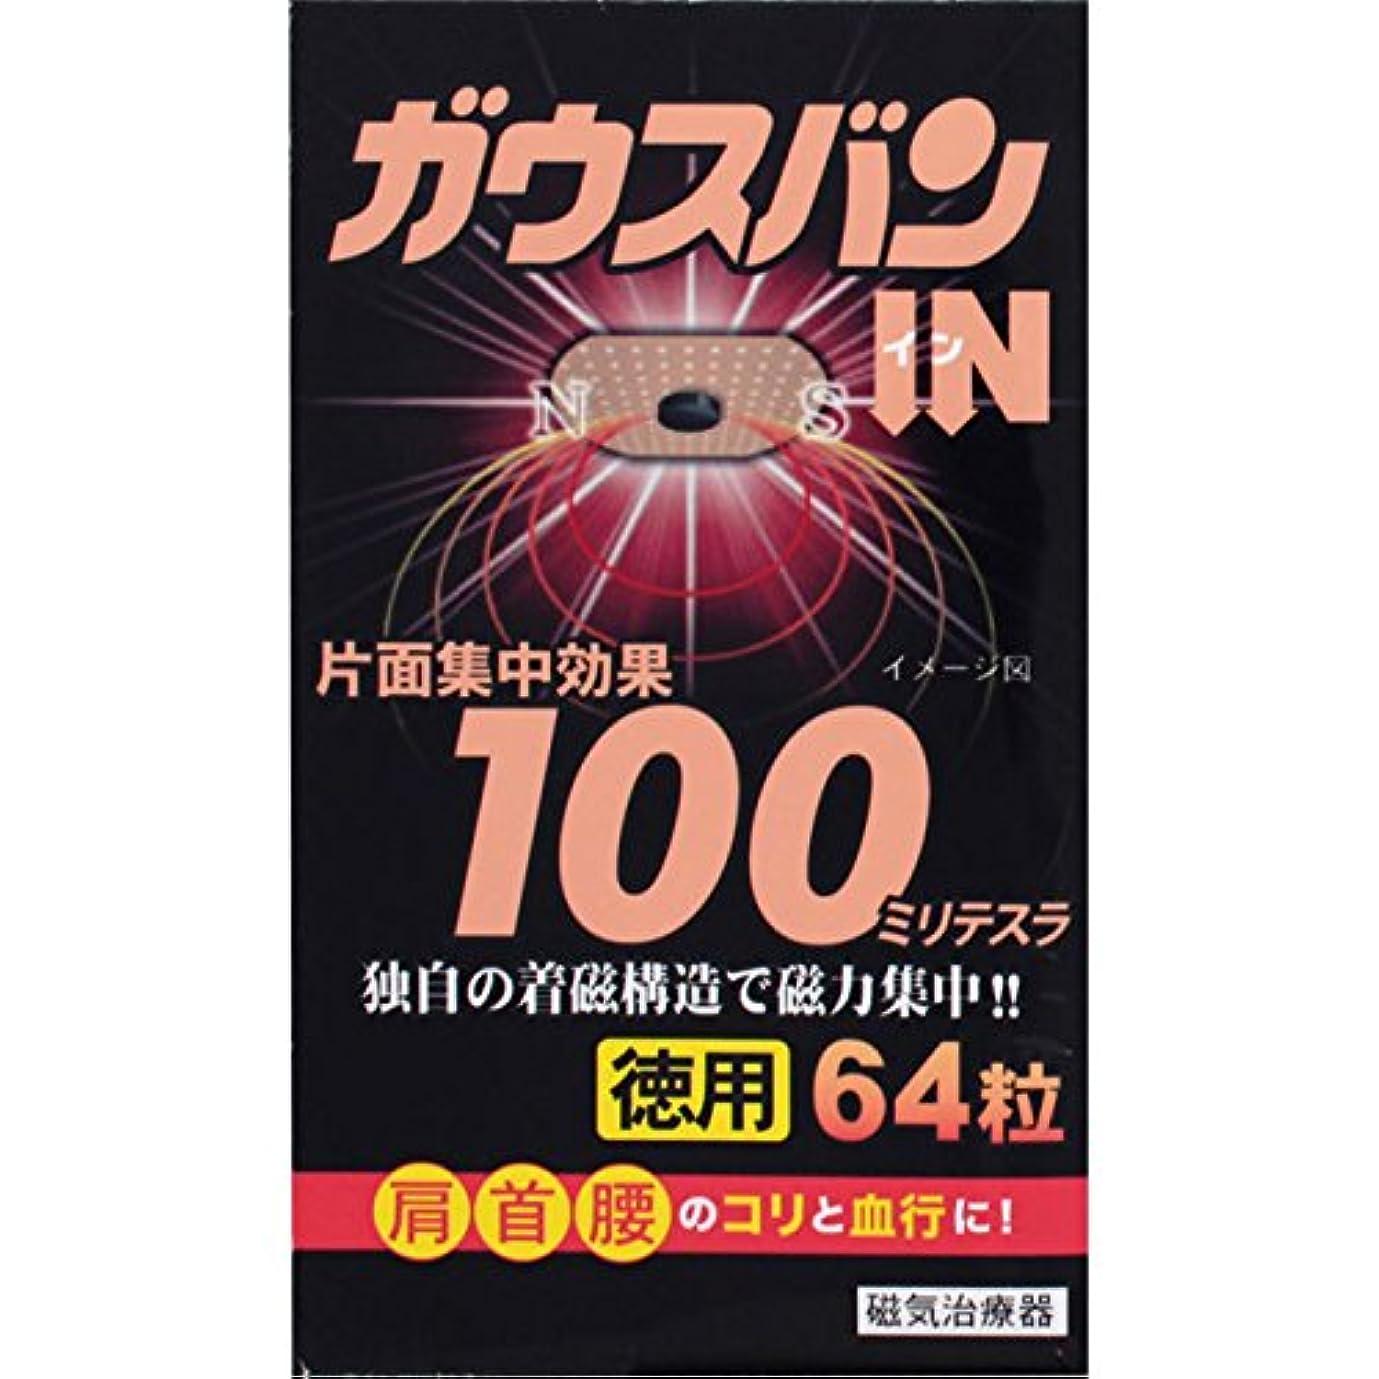 宇宙飛行士プロペラ正確さ【AJD】ガウスバンIN 64粒(徳用)